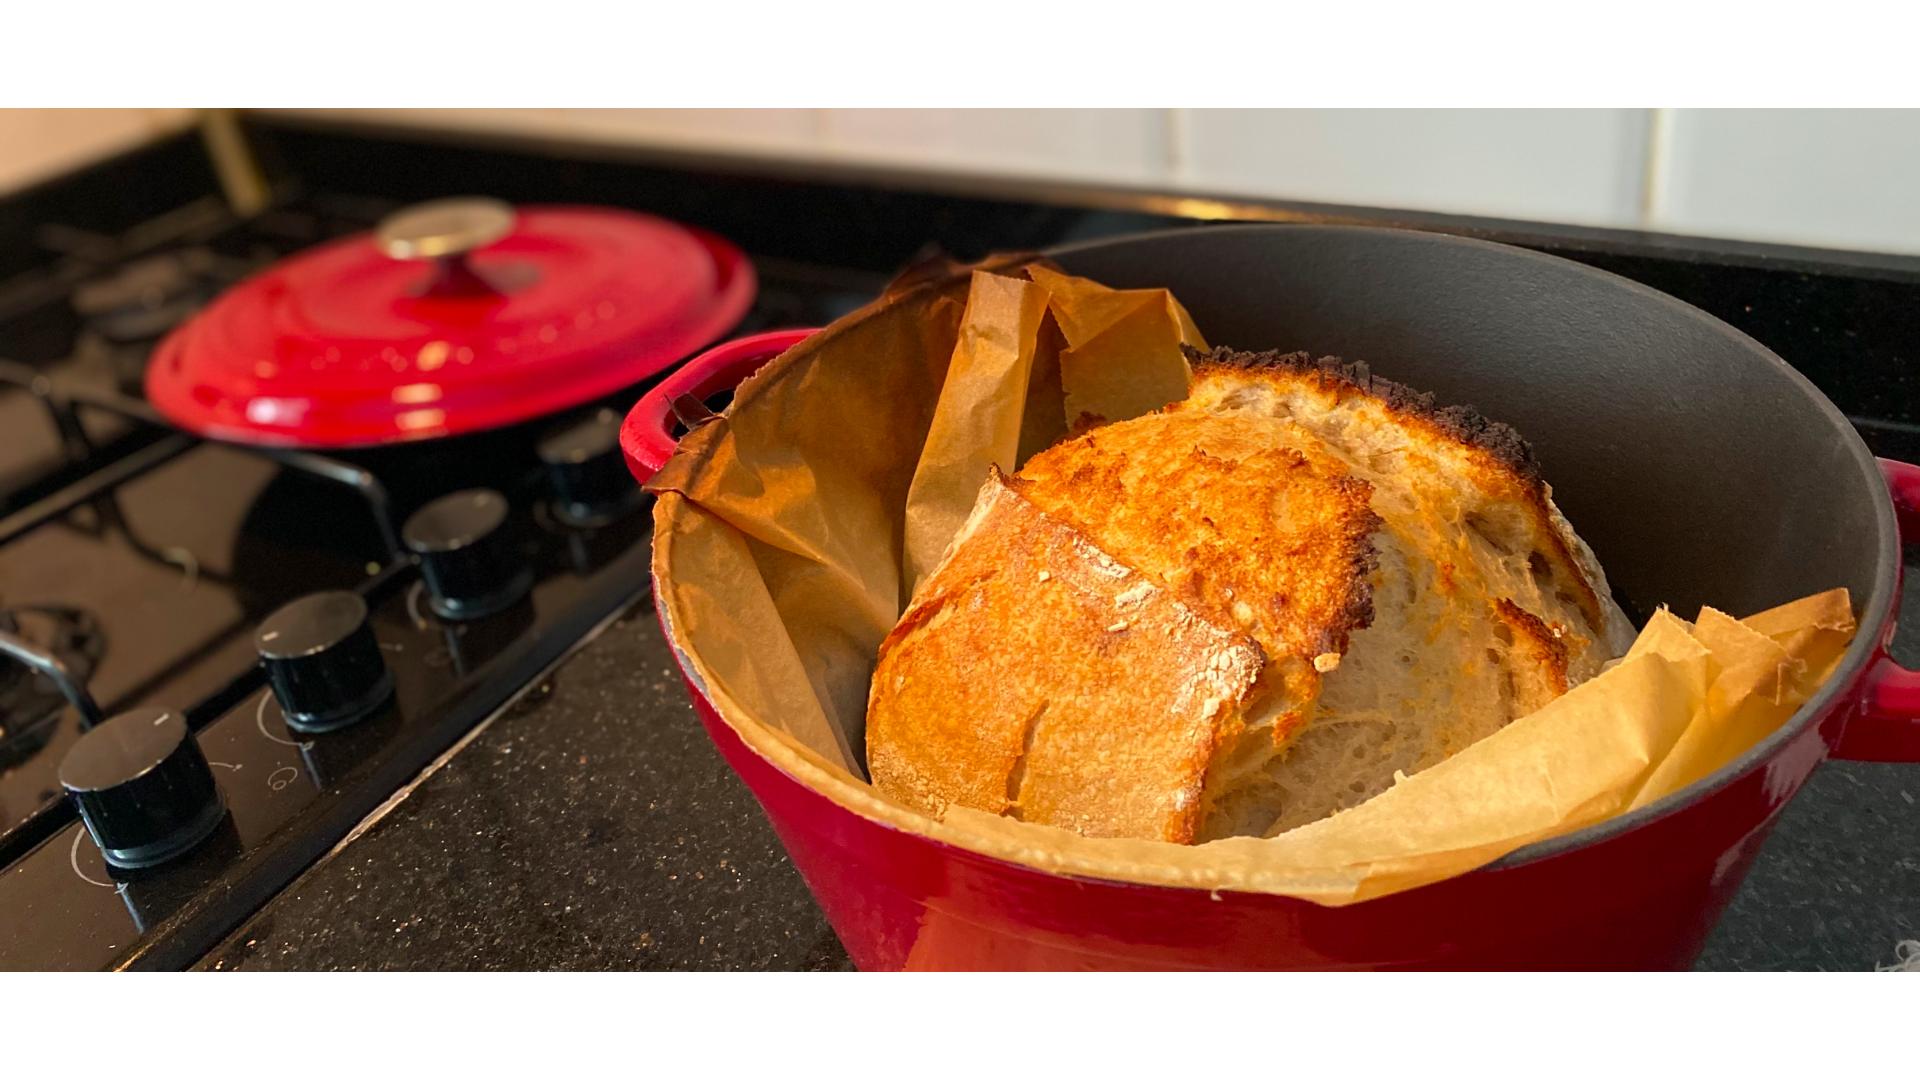 demir döküm tava, ekşi maya ile yapılmış bir ekmek görseli.